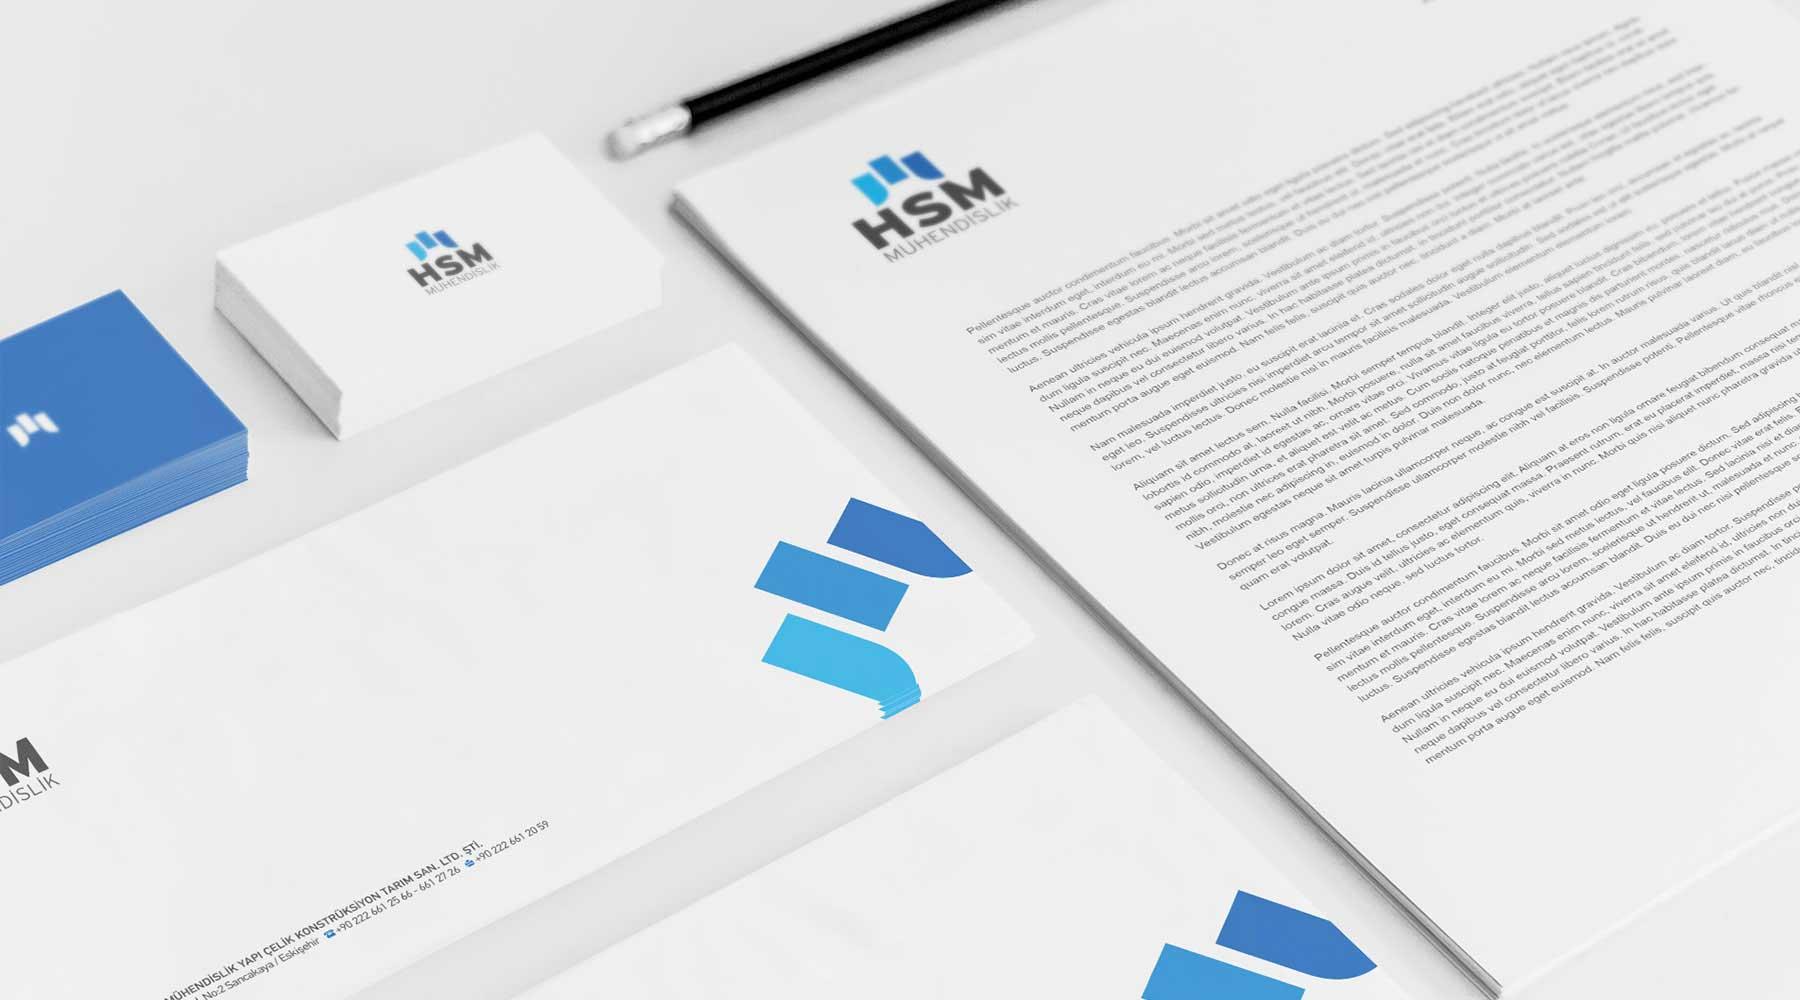 HSM Mühendislik kurumsal kimlik eskişehir